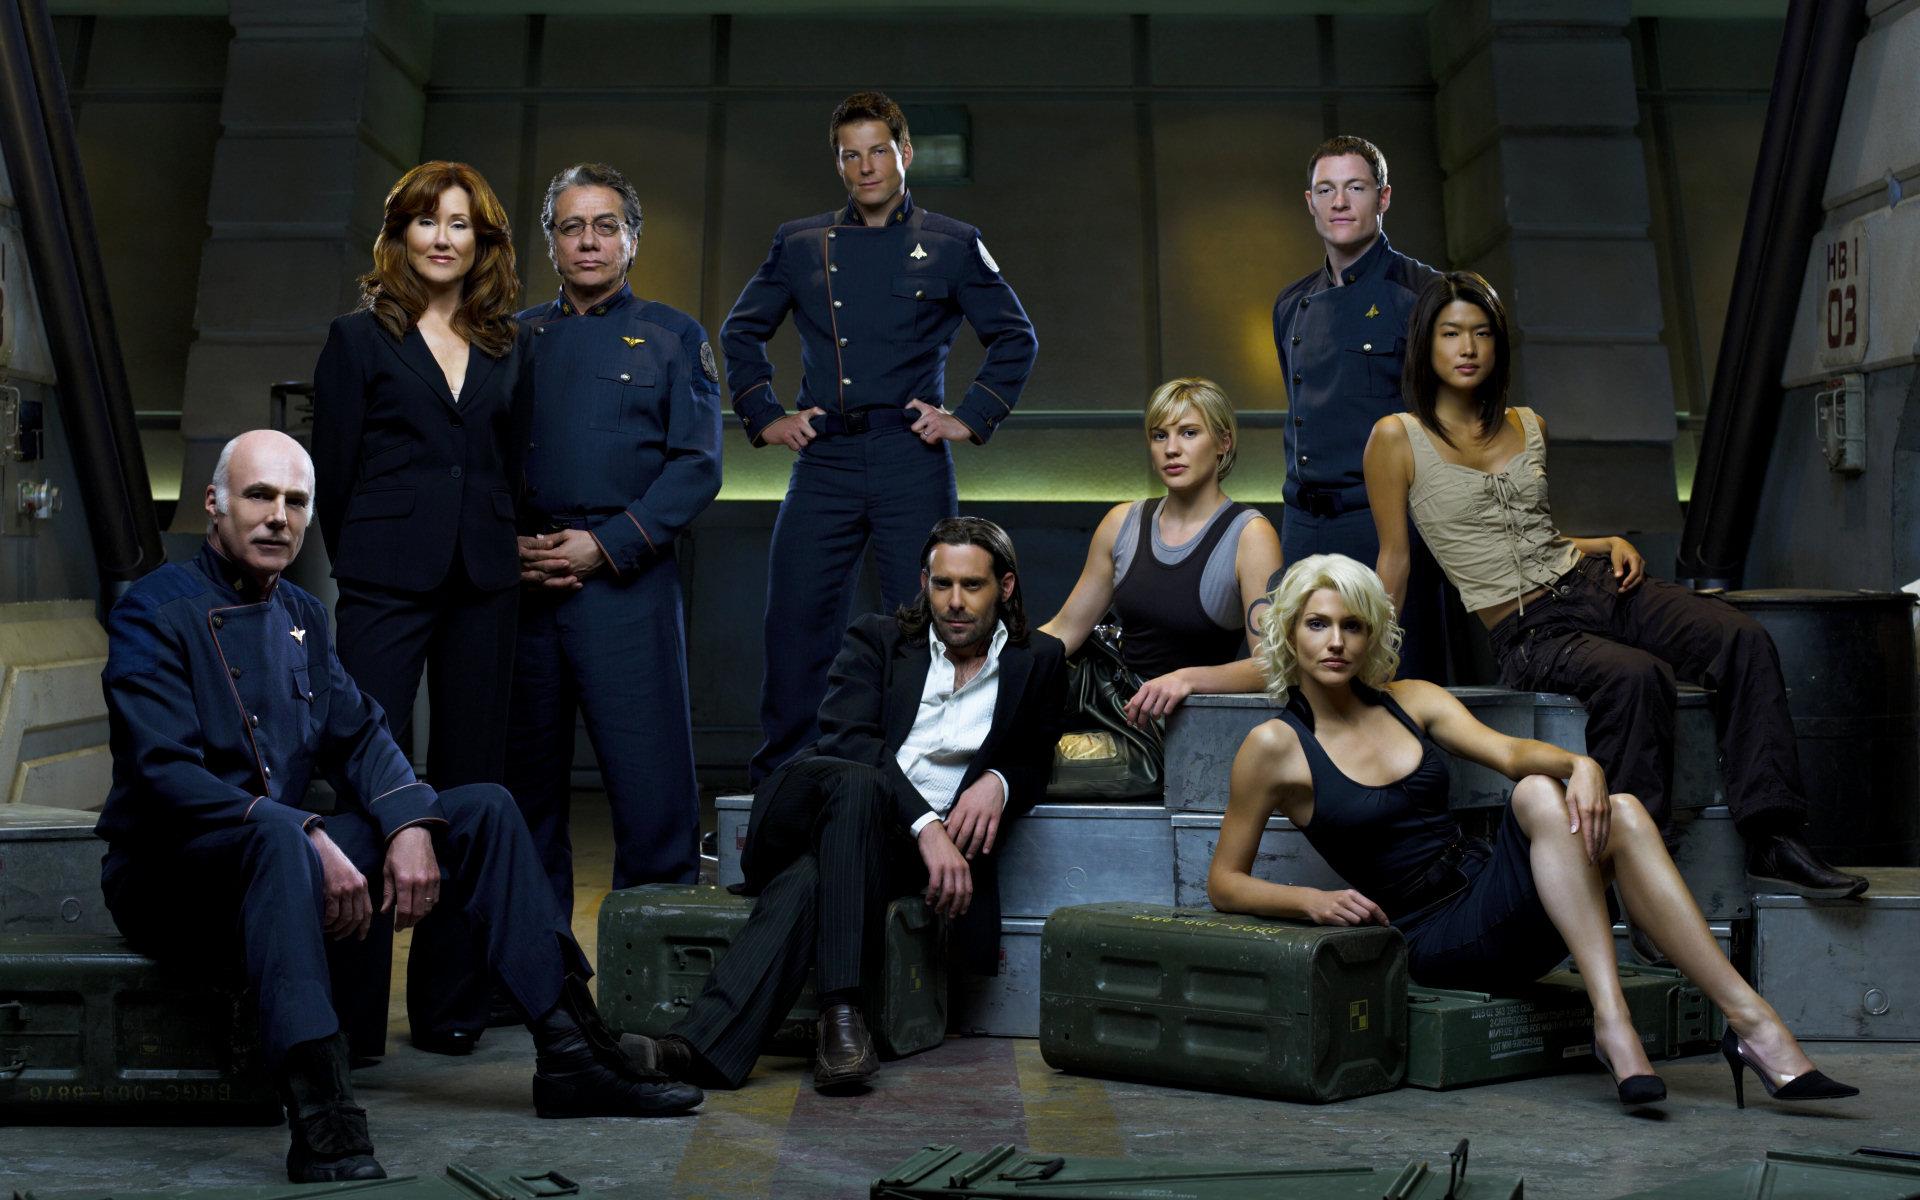 http://images.fanpop.com/images/image_uploads/Battlestar-Galactica-battlestar-galactica-64006_1920_1200.jpg